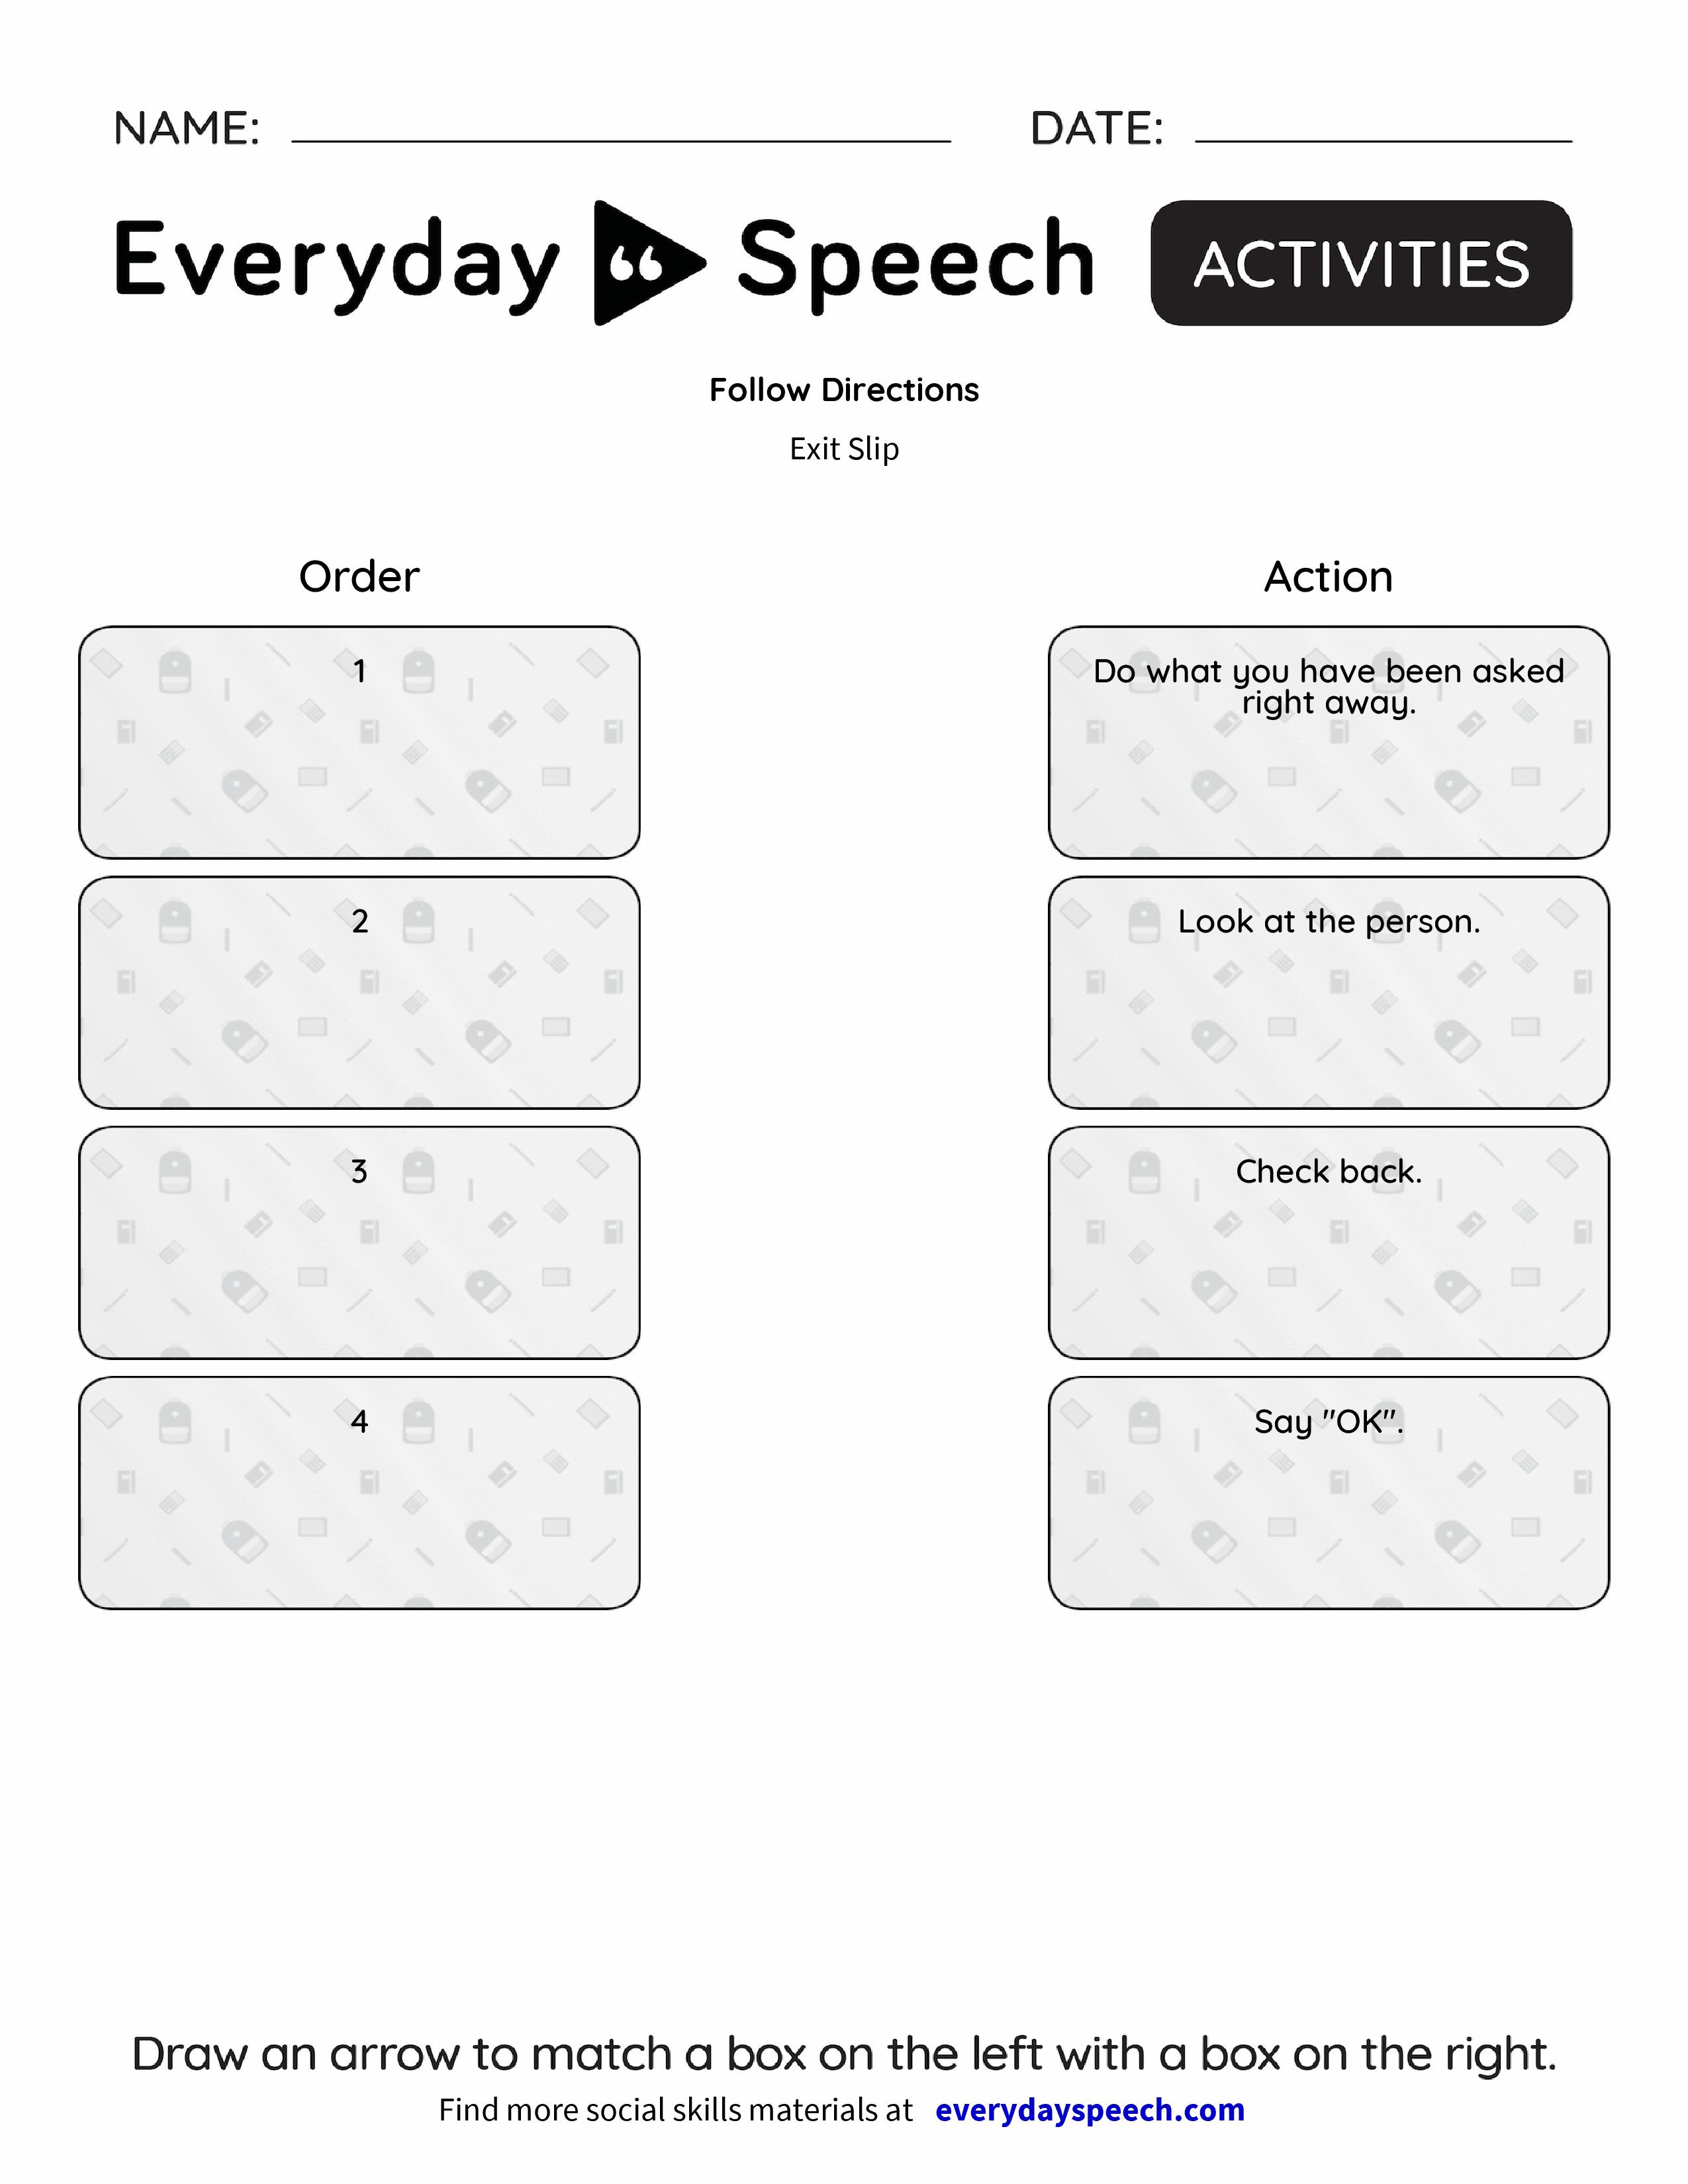 Follow Directions Everyday Speech Everyday Speech